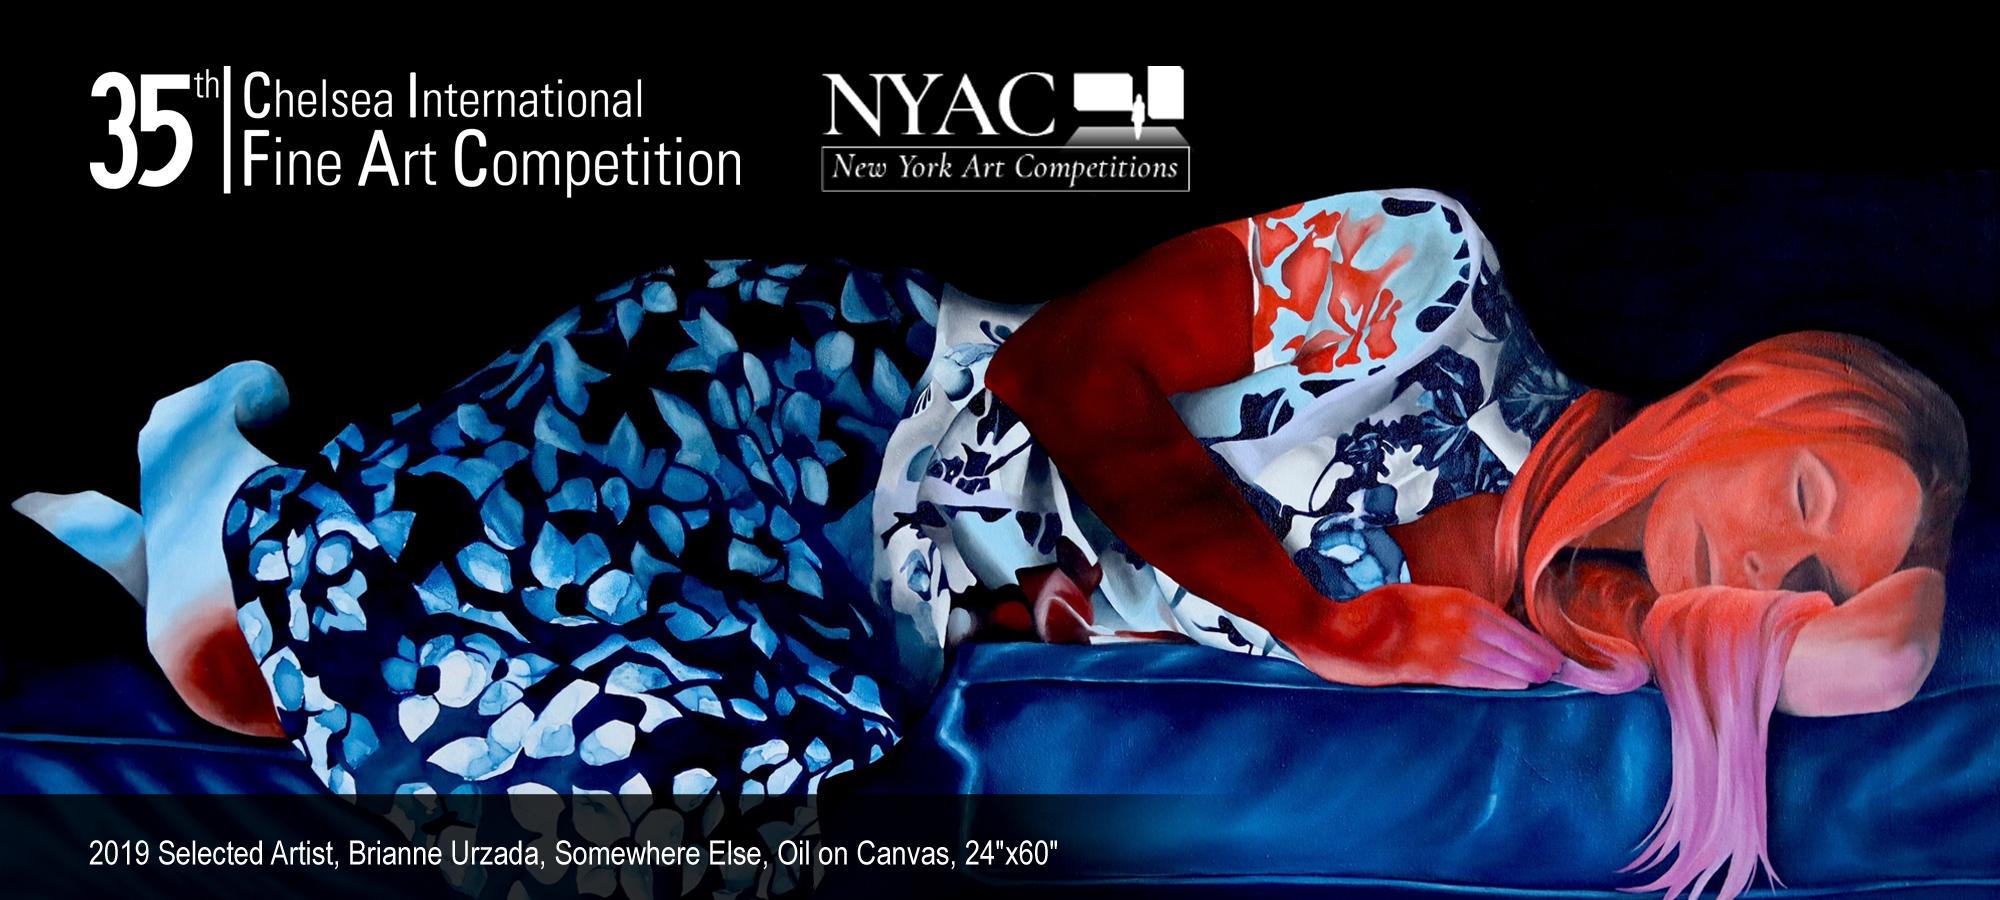 فراخوان رقابت بین المللی هنرهای زیبا چلسی (CIFAC)